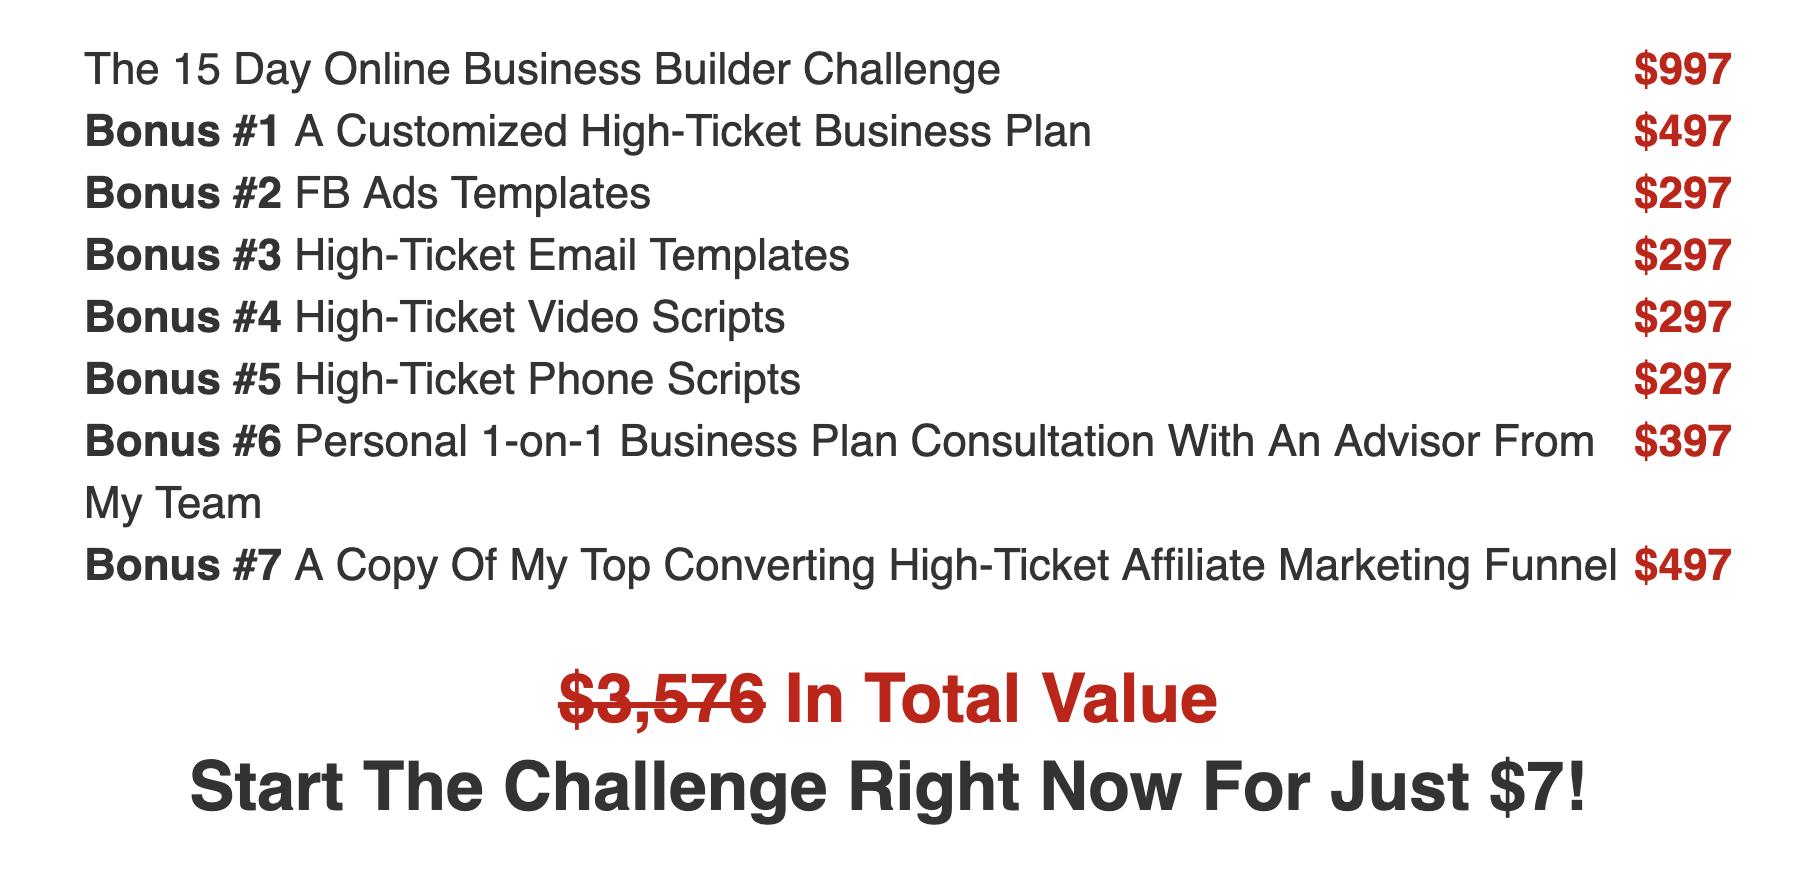 15 Day Business Builder Challenge Legendary Marketer Full Value Offering